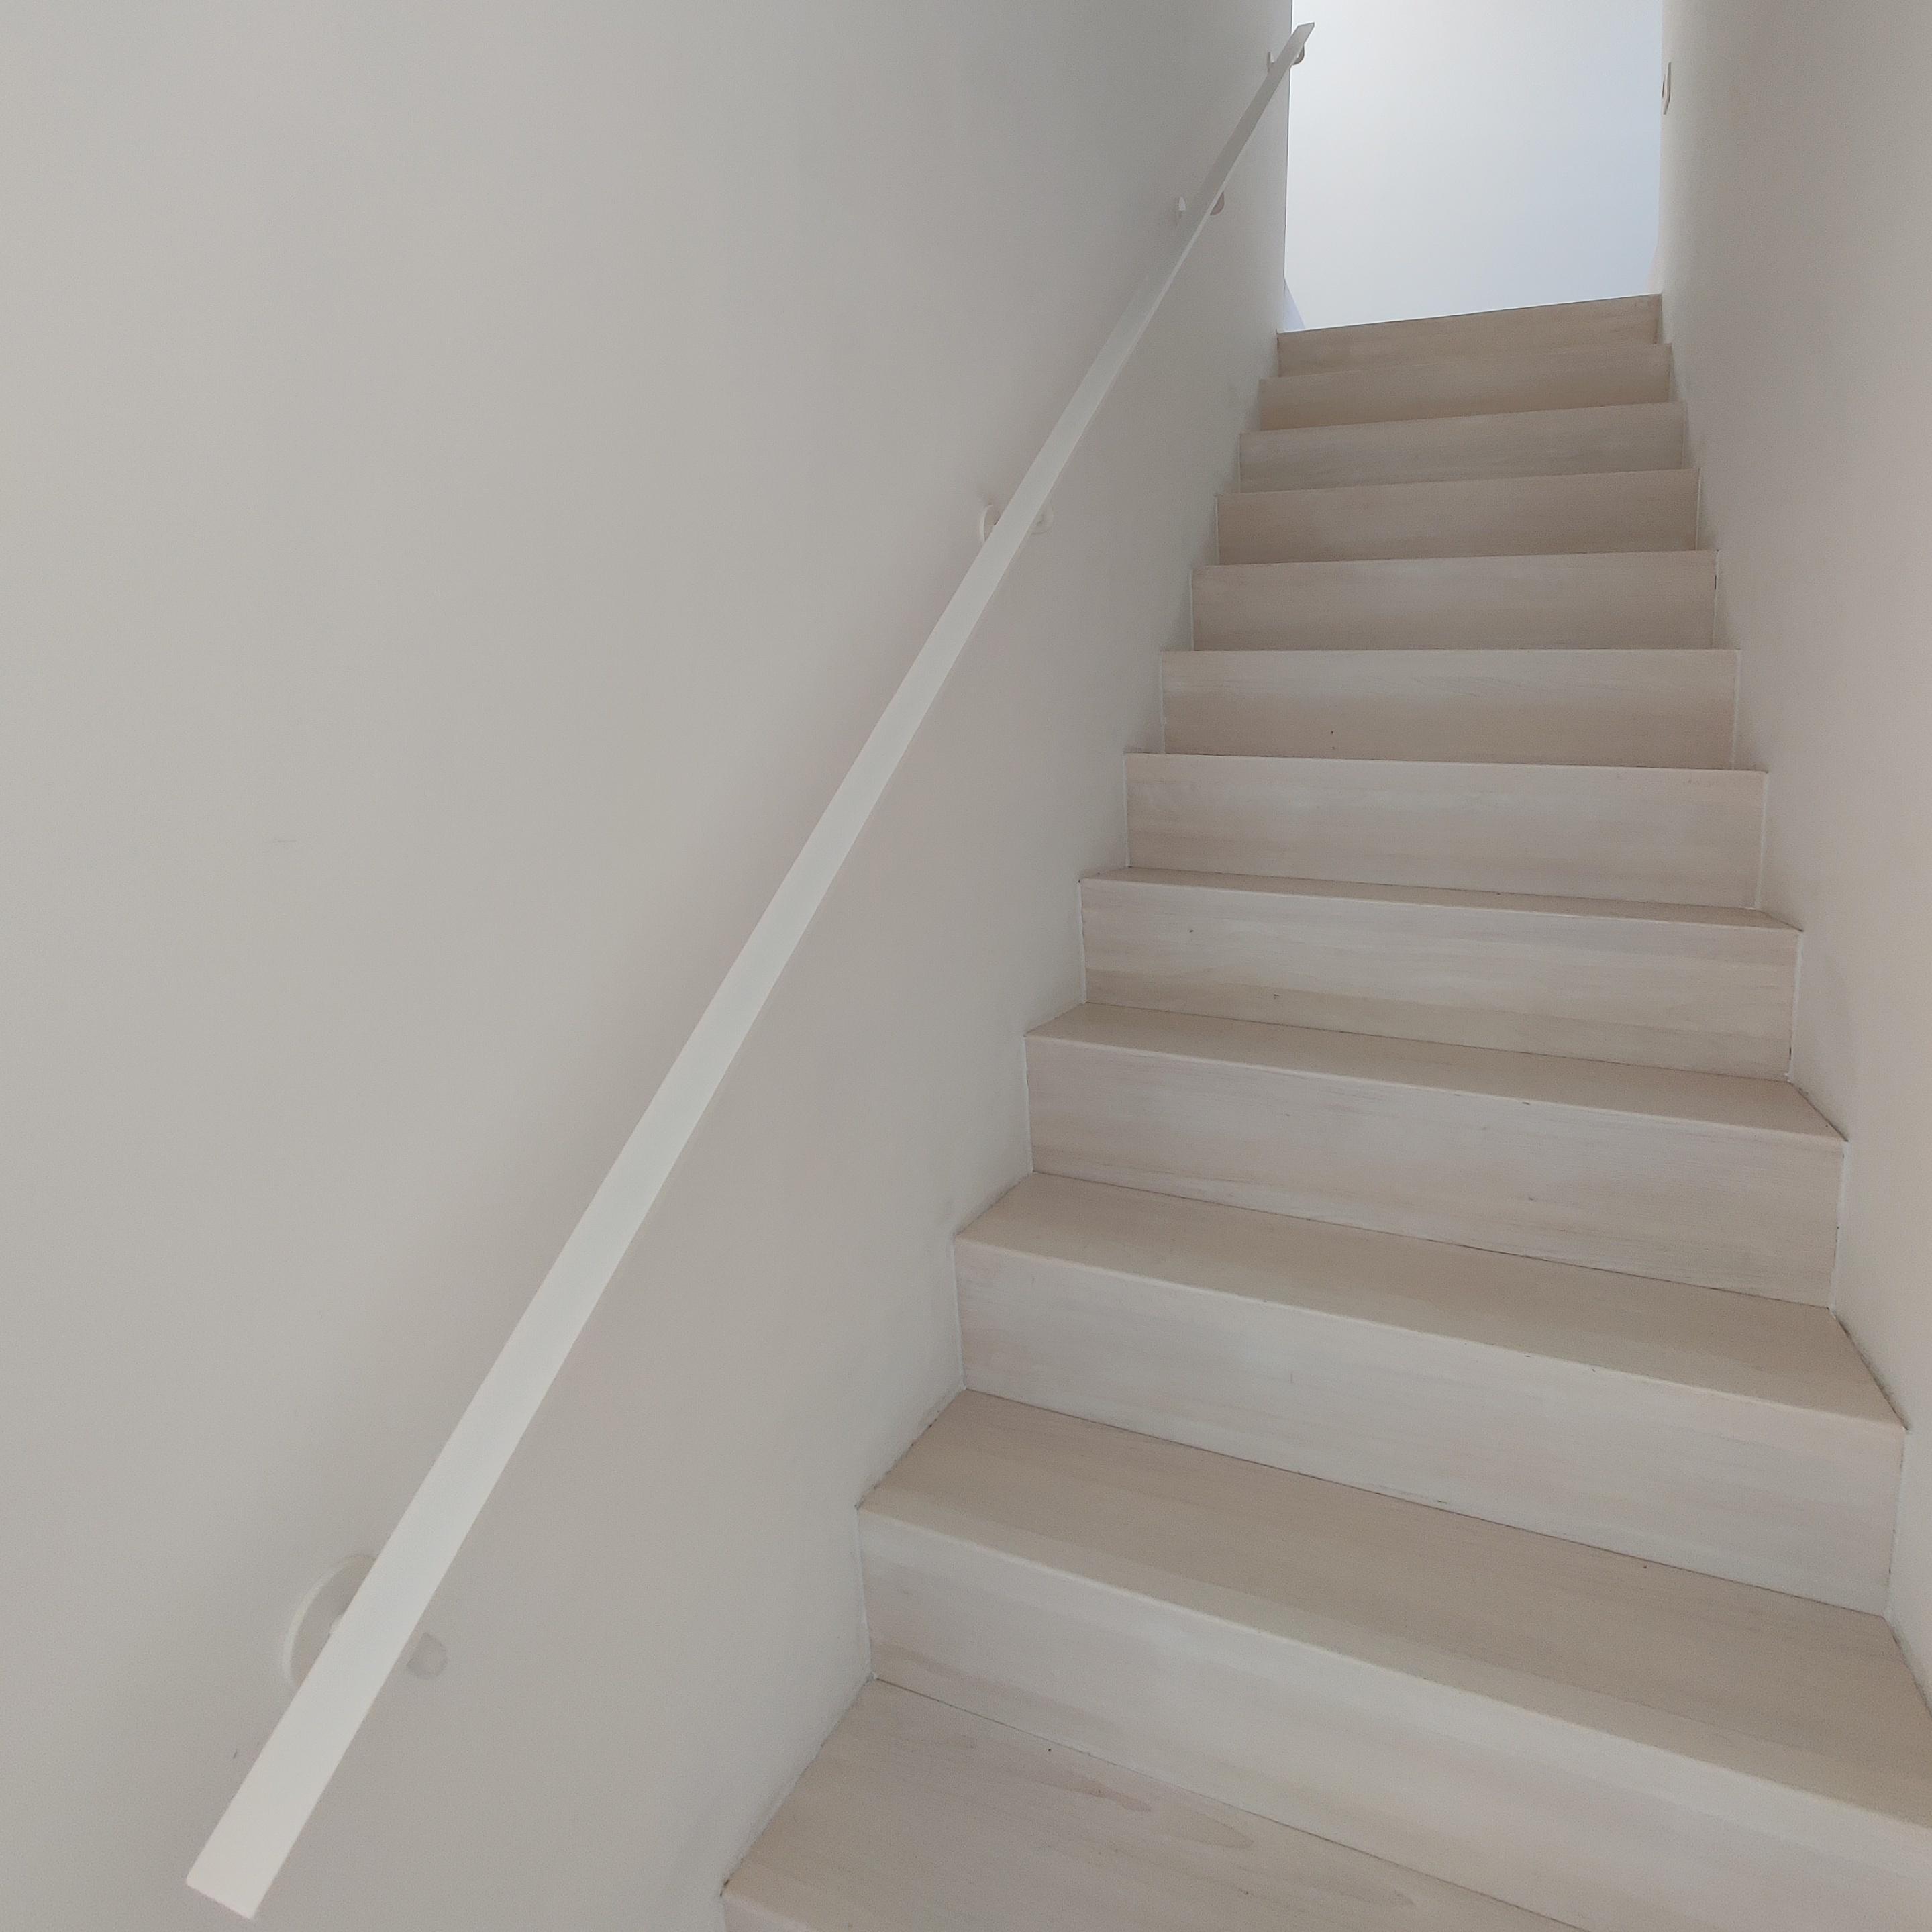 Handlauf weiß beschichtet viereckig 40x10 Modell 3 - Rechteckige Treppengeländer - Treppenhandlauf mit weißer Pulverbeschichtung RAL 9010